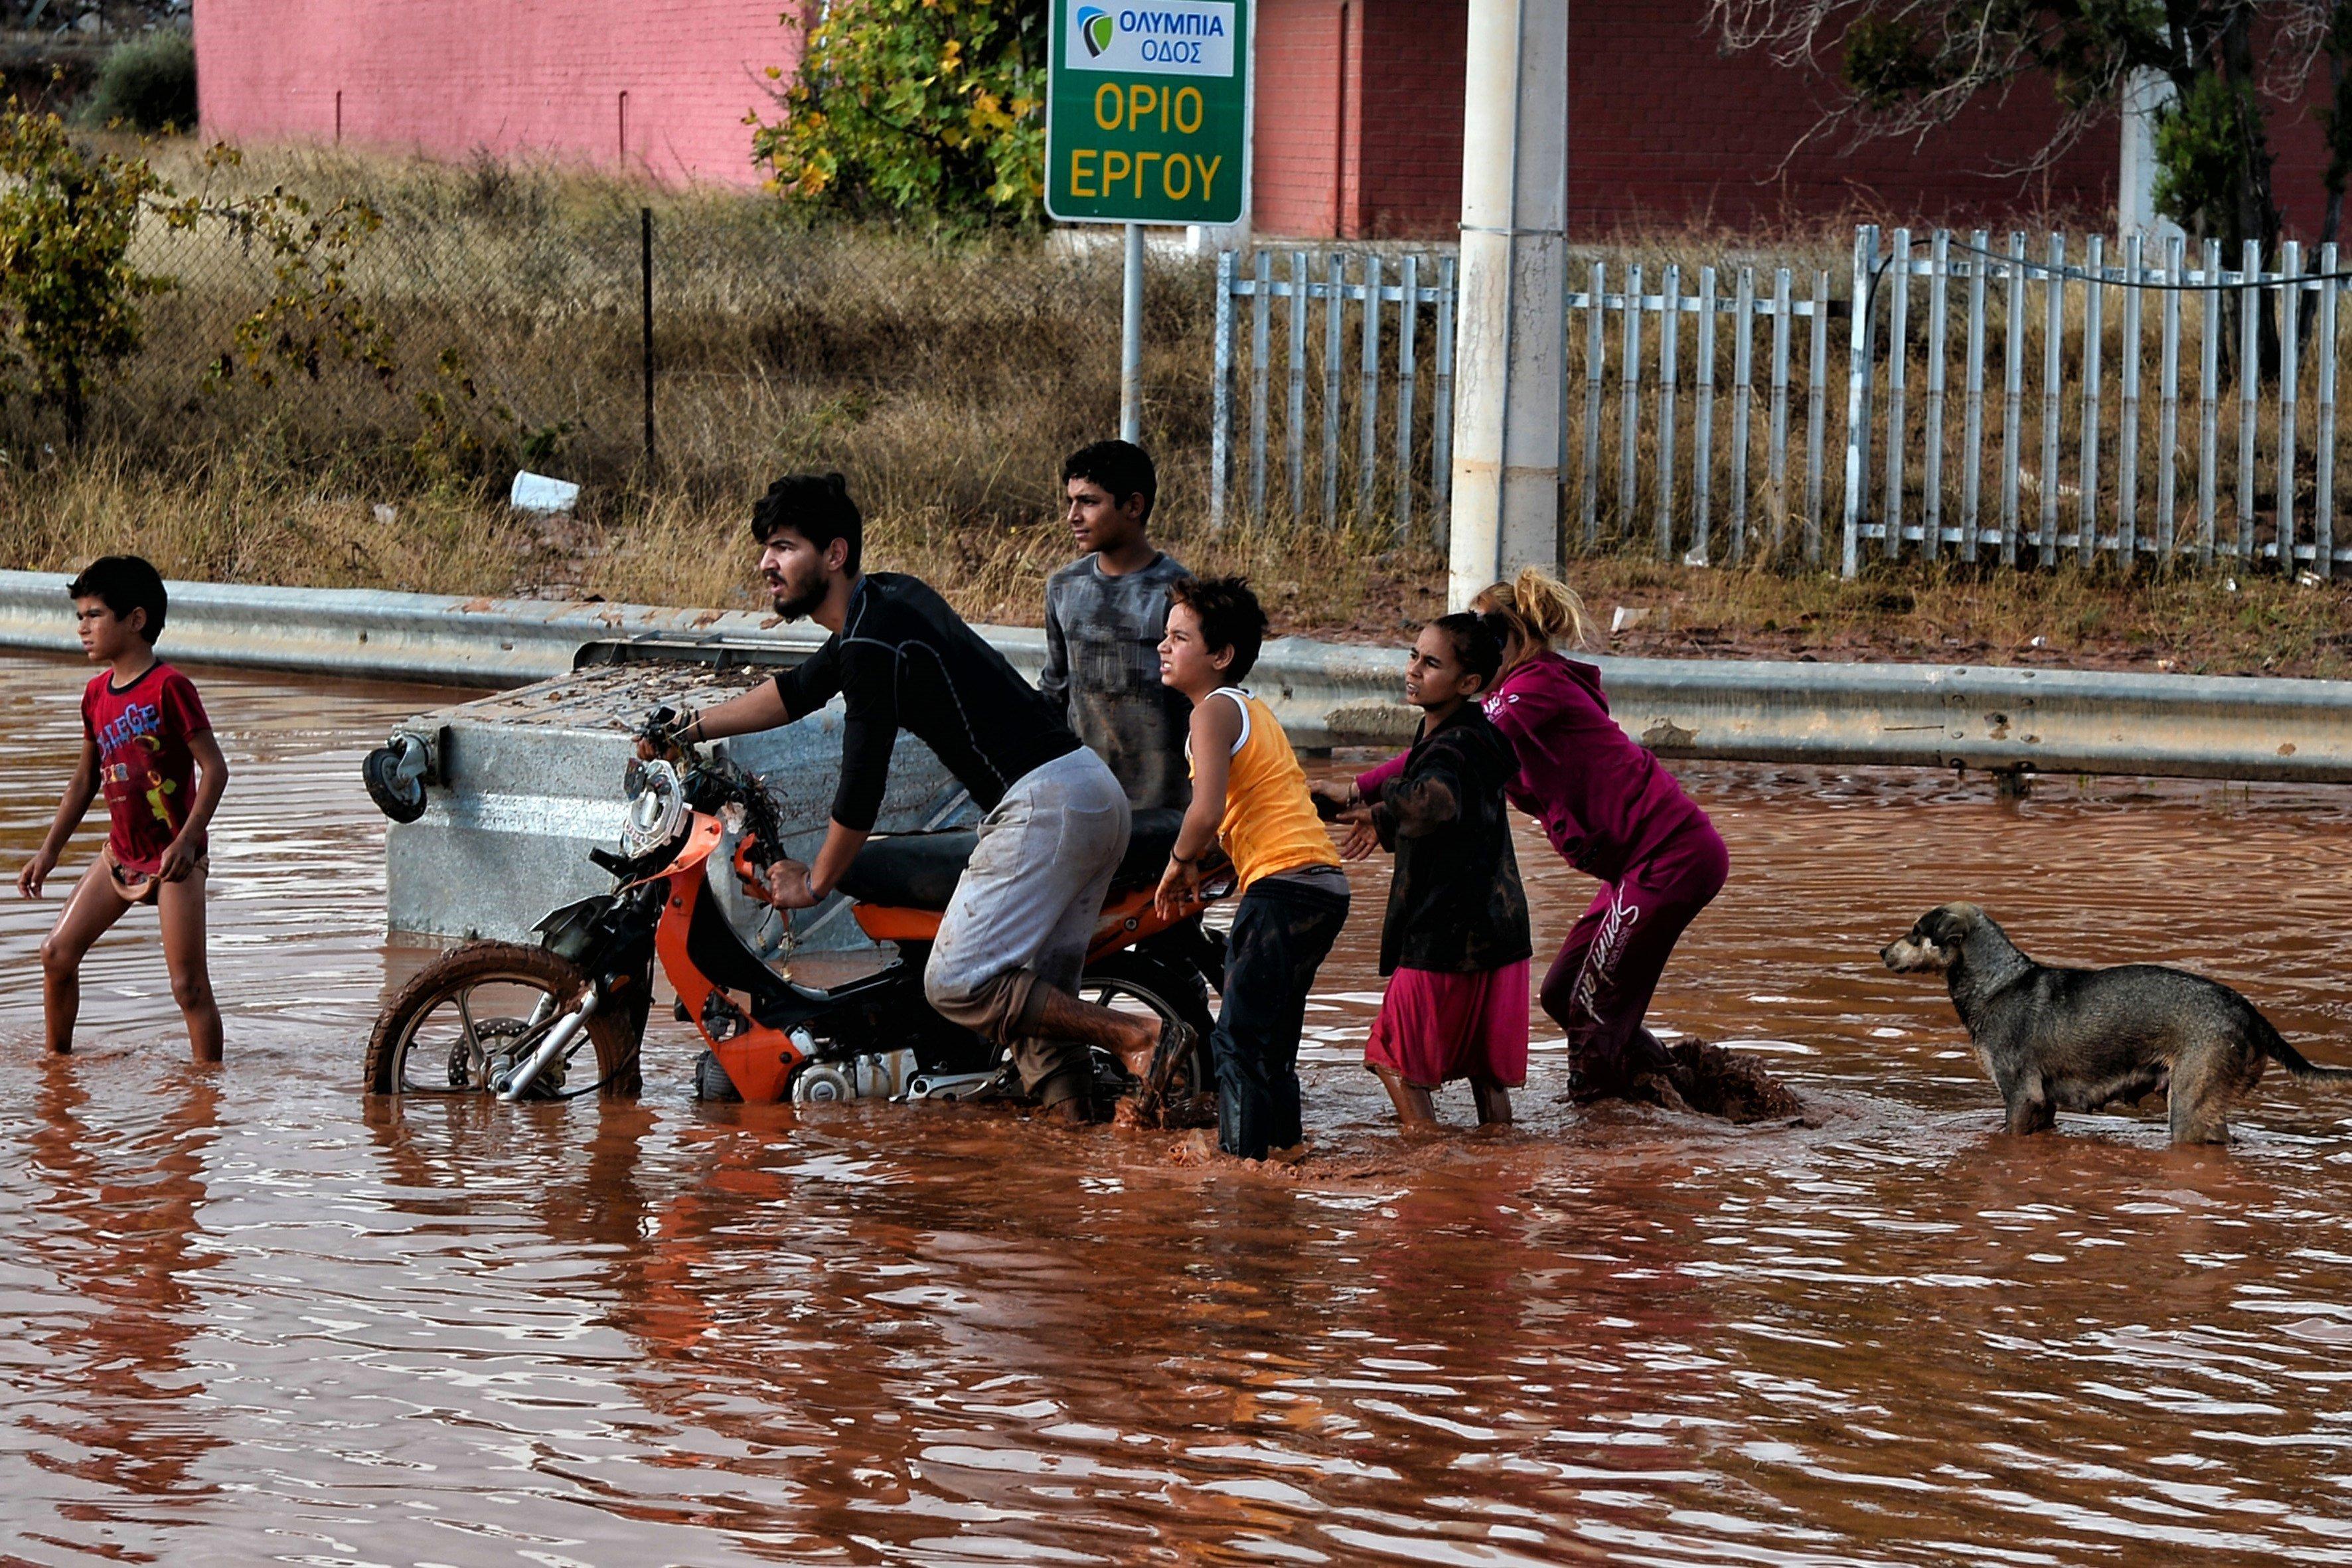 Almenys quatre persones moren per inundacions prop d'Atenes. /YANNIS KEMMOS